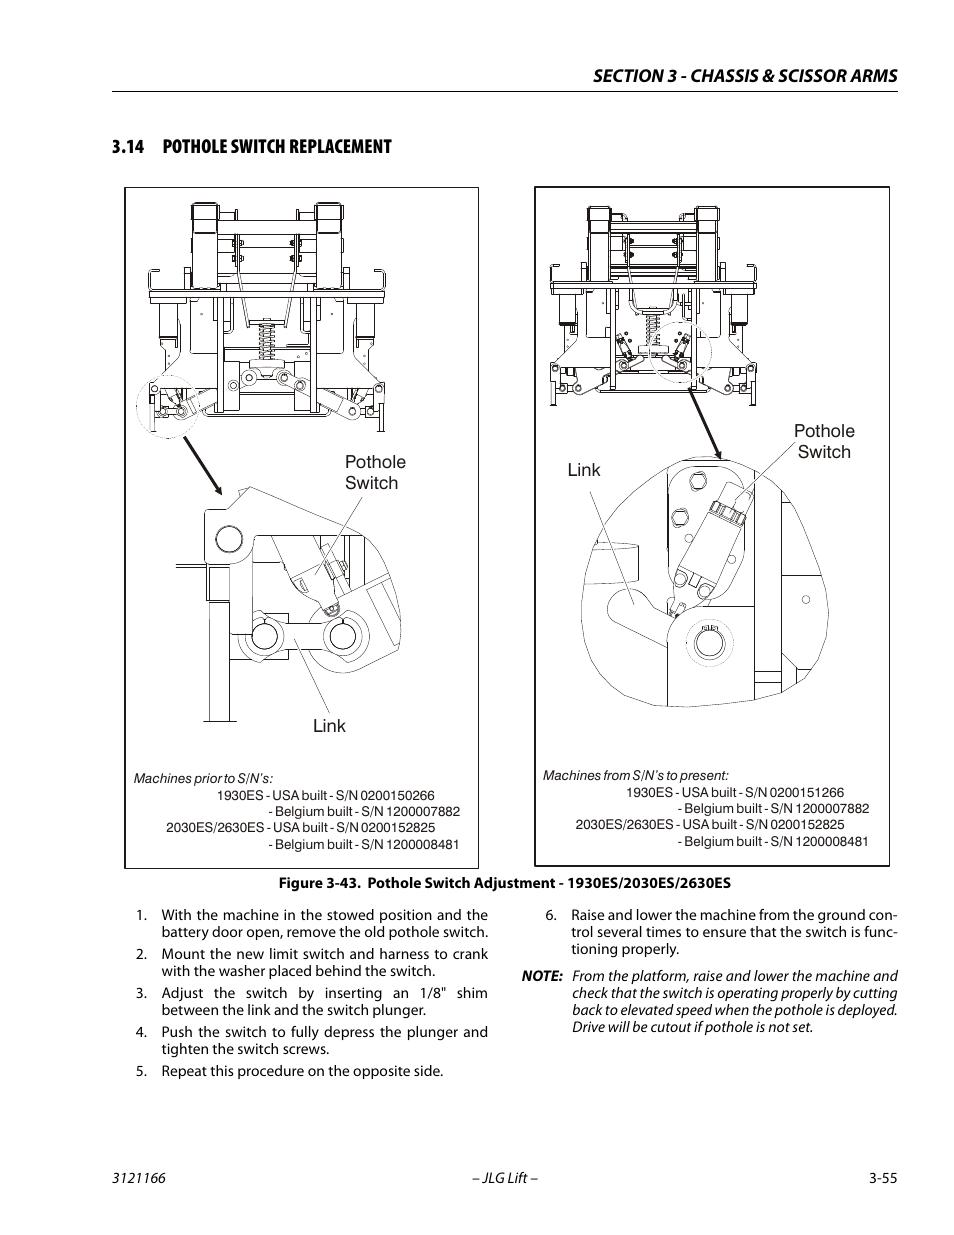 scissor lift jlg 2032e2 wiring diagram electrical wiring diagrams cushman wiring schematics jlg 2032e2 wiring diagram 25 wiring diagram images wiring upright mx19 scissor lift jlg 3246es service